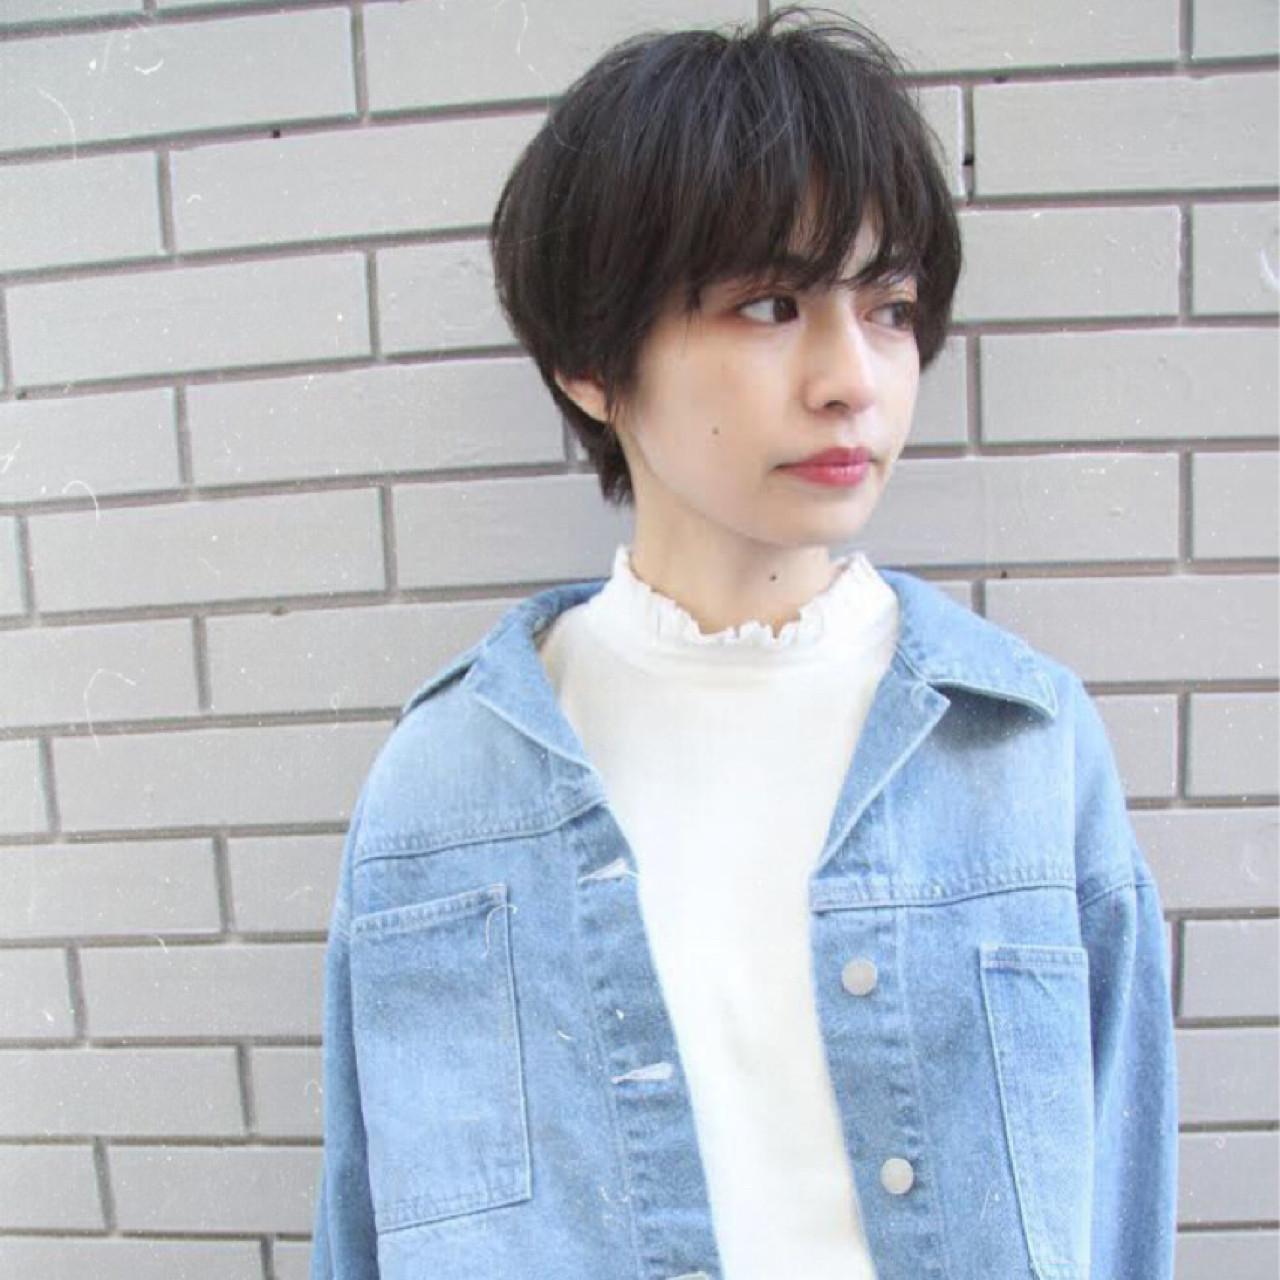 ミステリアスな黒髪×ショートストレート 坂本一馬 | mod's hair